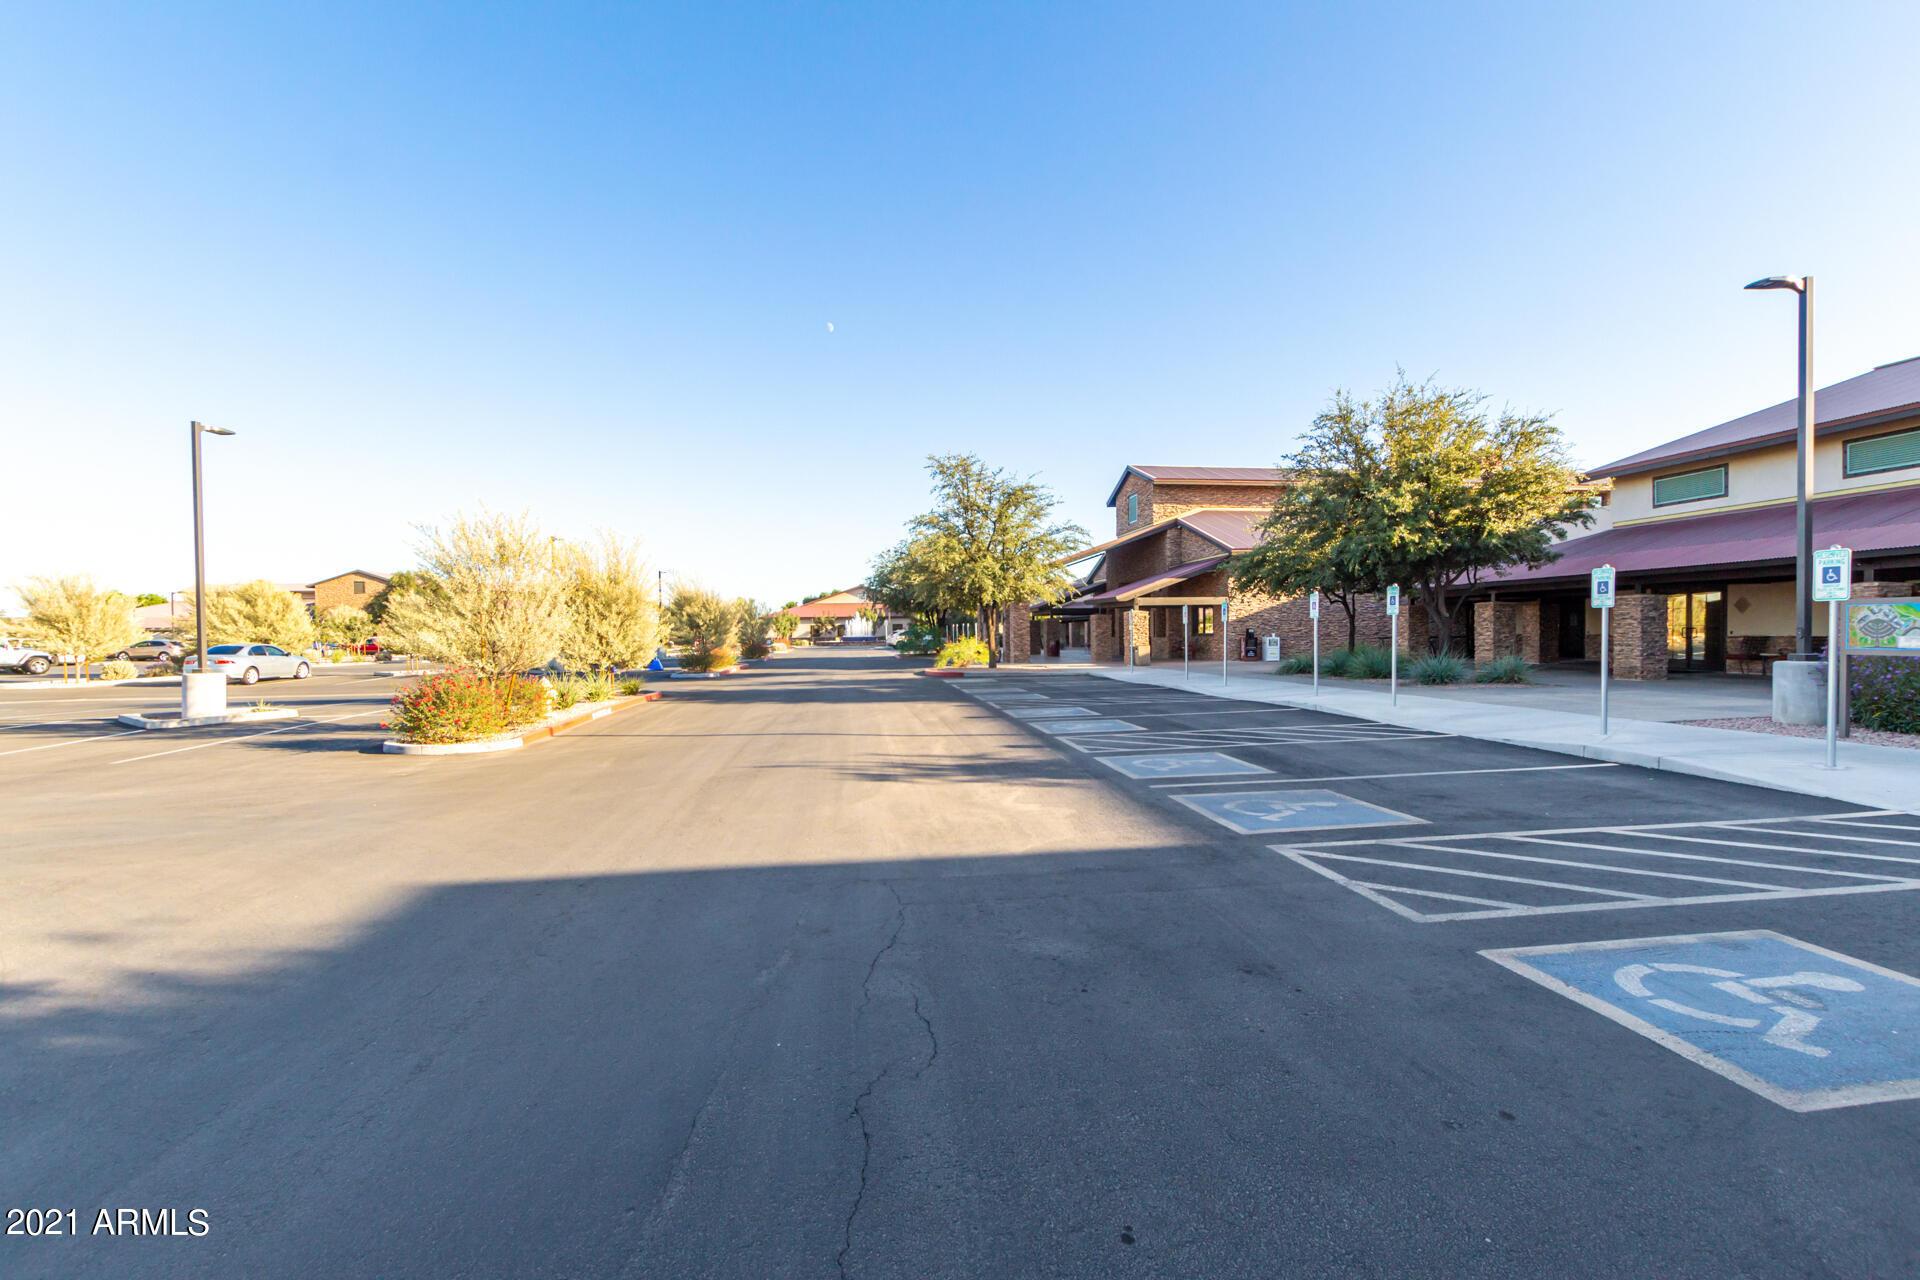 MLS 6307612 4344 E STRAWBERRY Drive, Gilbert, AZ 85298 Trilogy